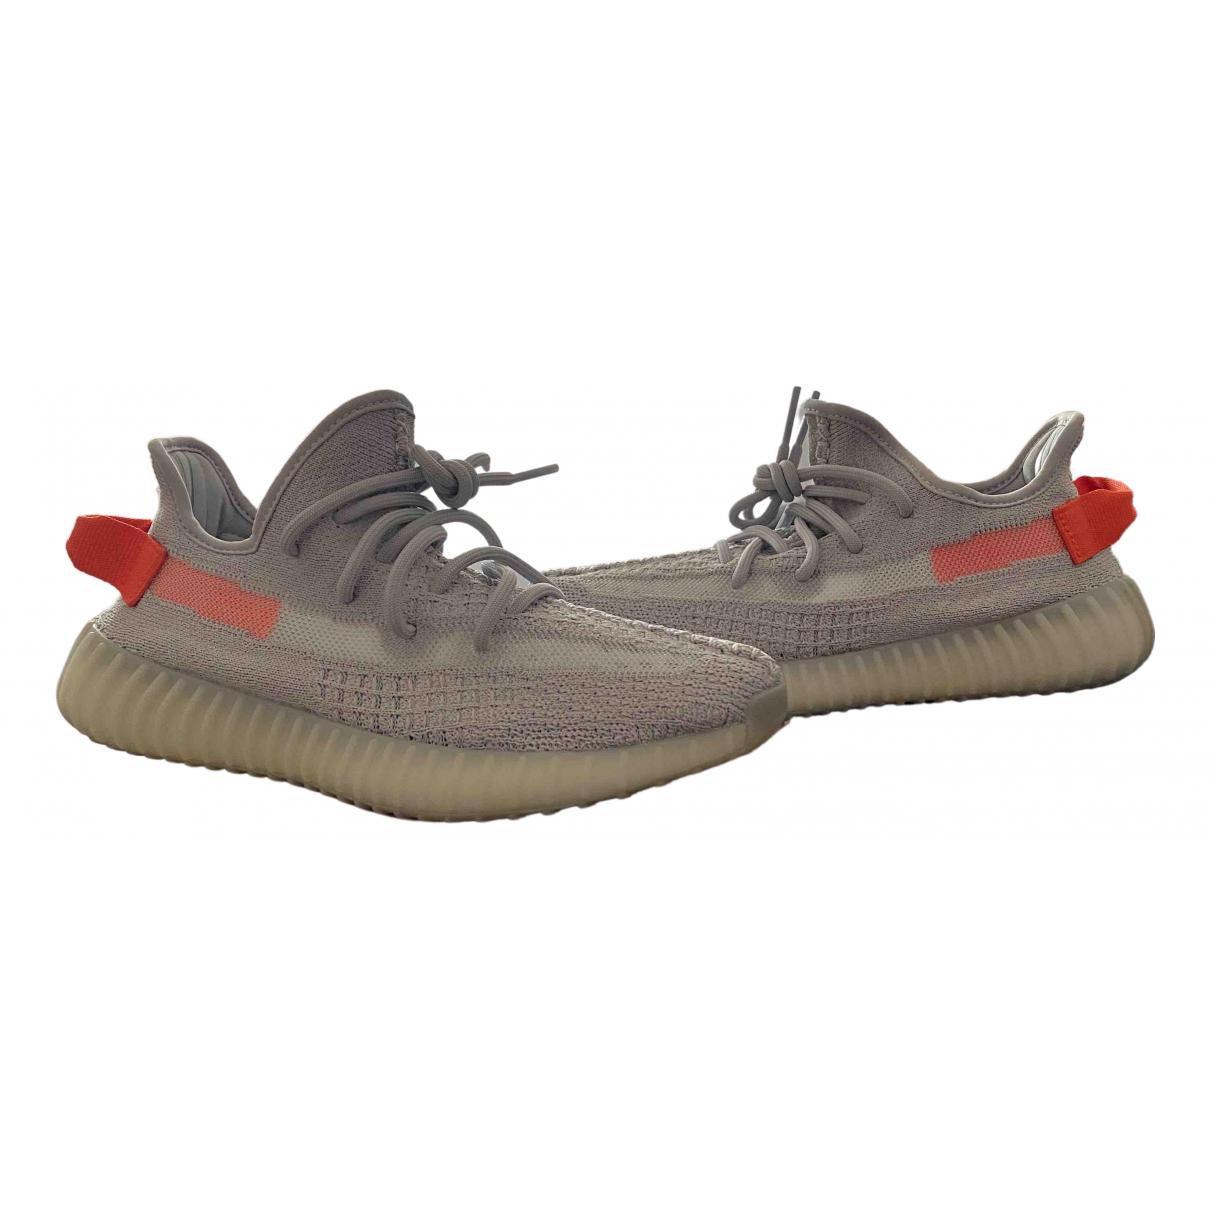 Yeezy X Adidas - Baskets Boost 350 V2 pour femme en toile - gris